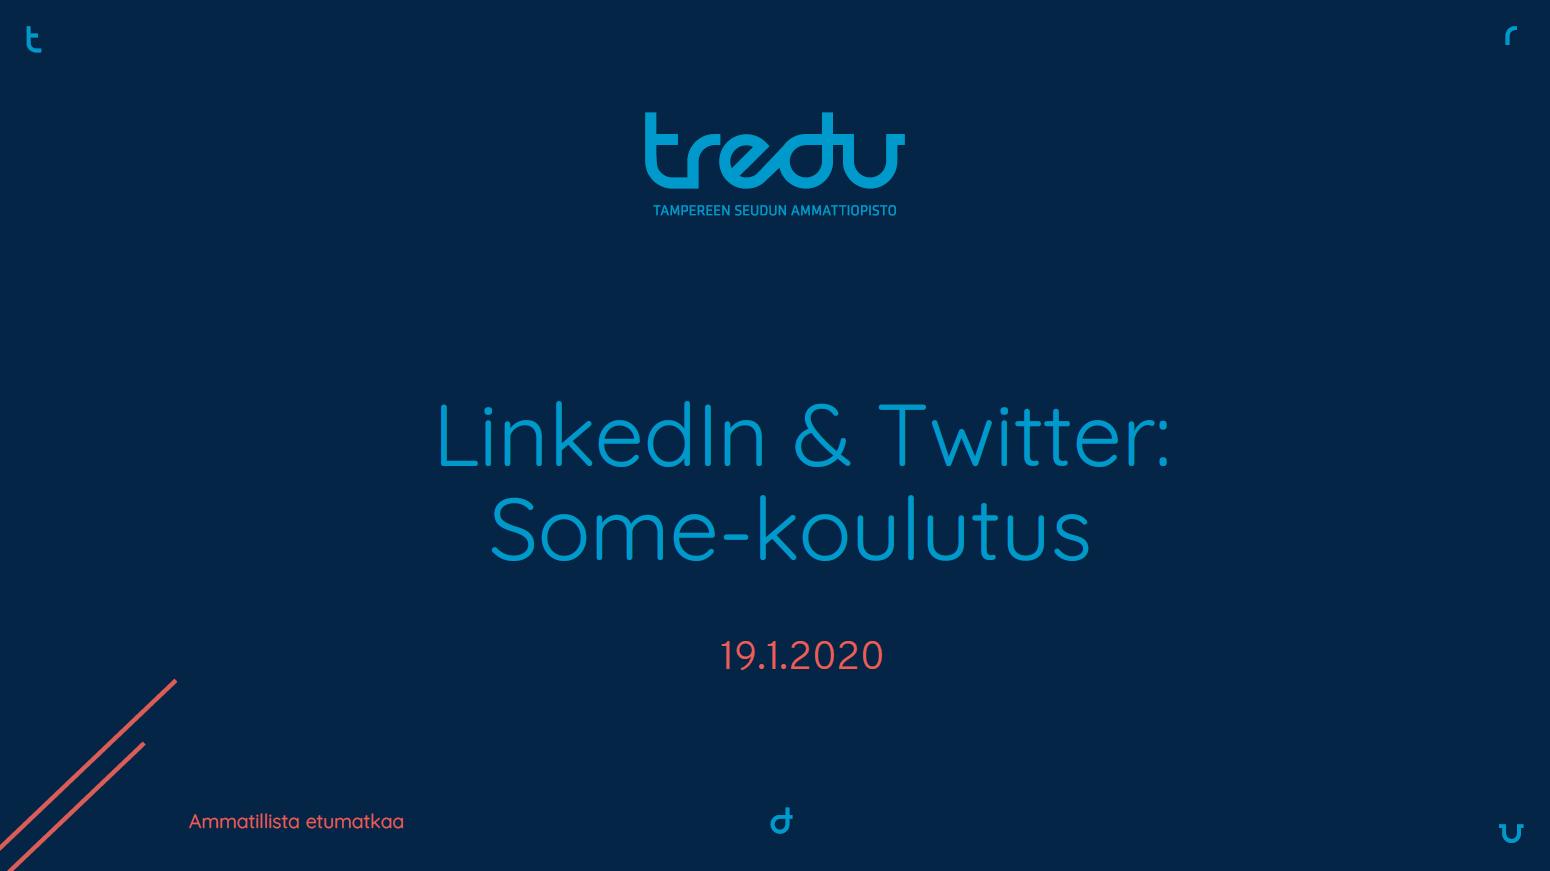 LinkedIn ja Twitter koulutus -kansikuva